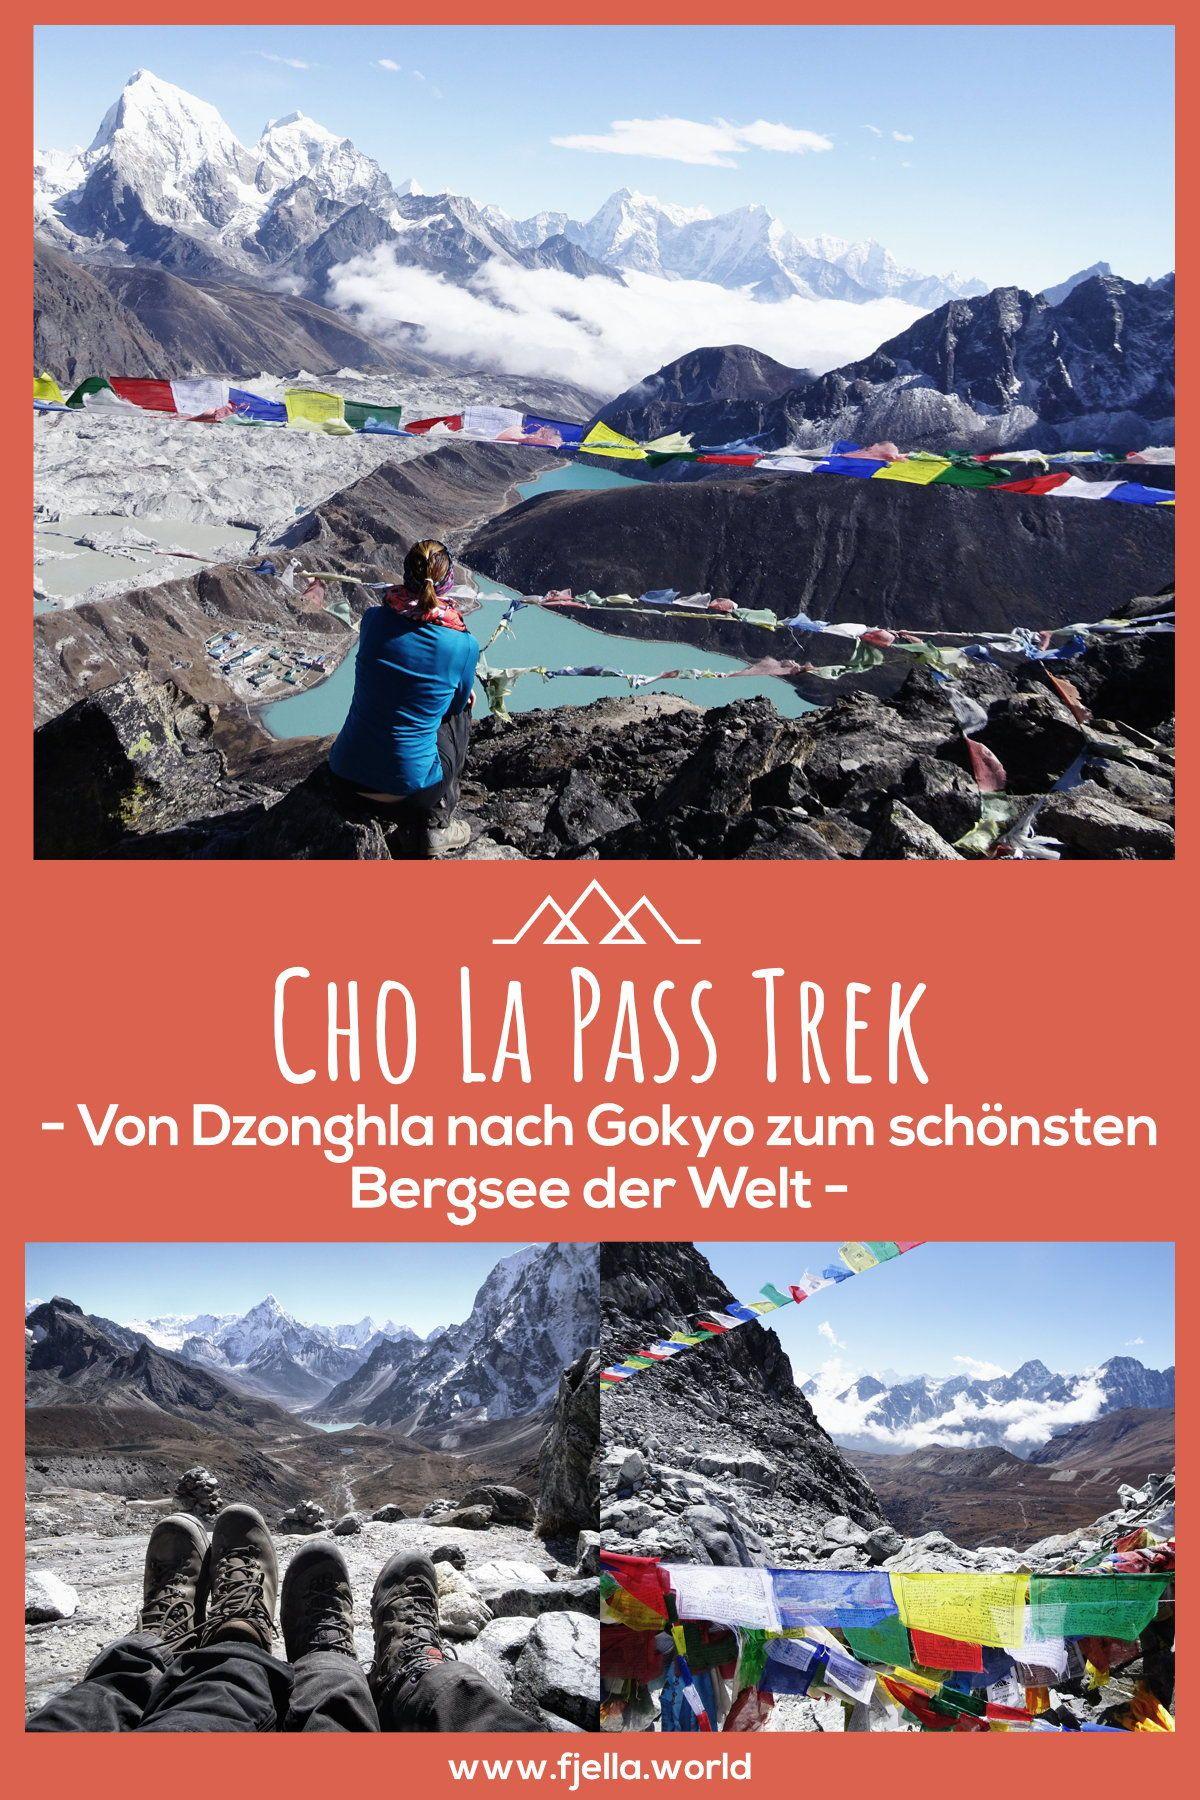 Cho La Pass Trek von Dzonghla nach Gokyo und zurück nach